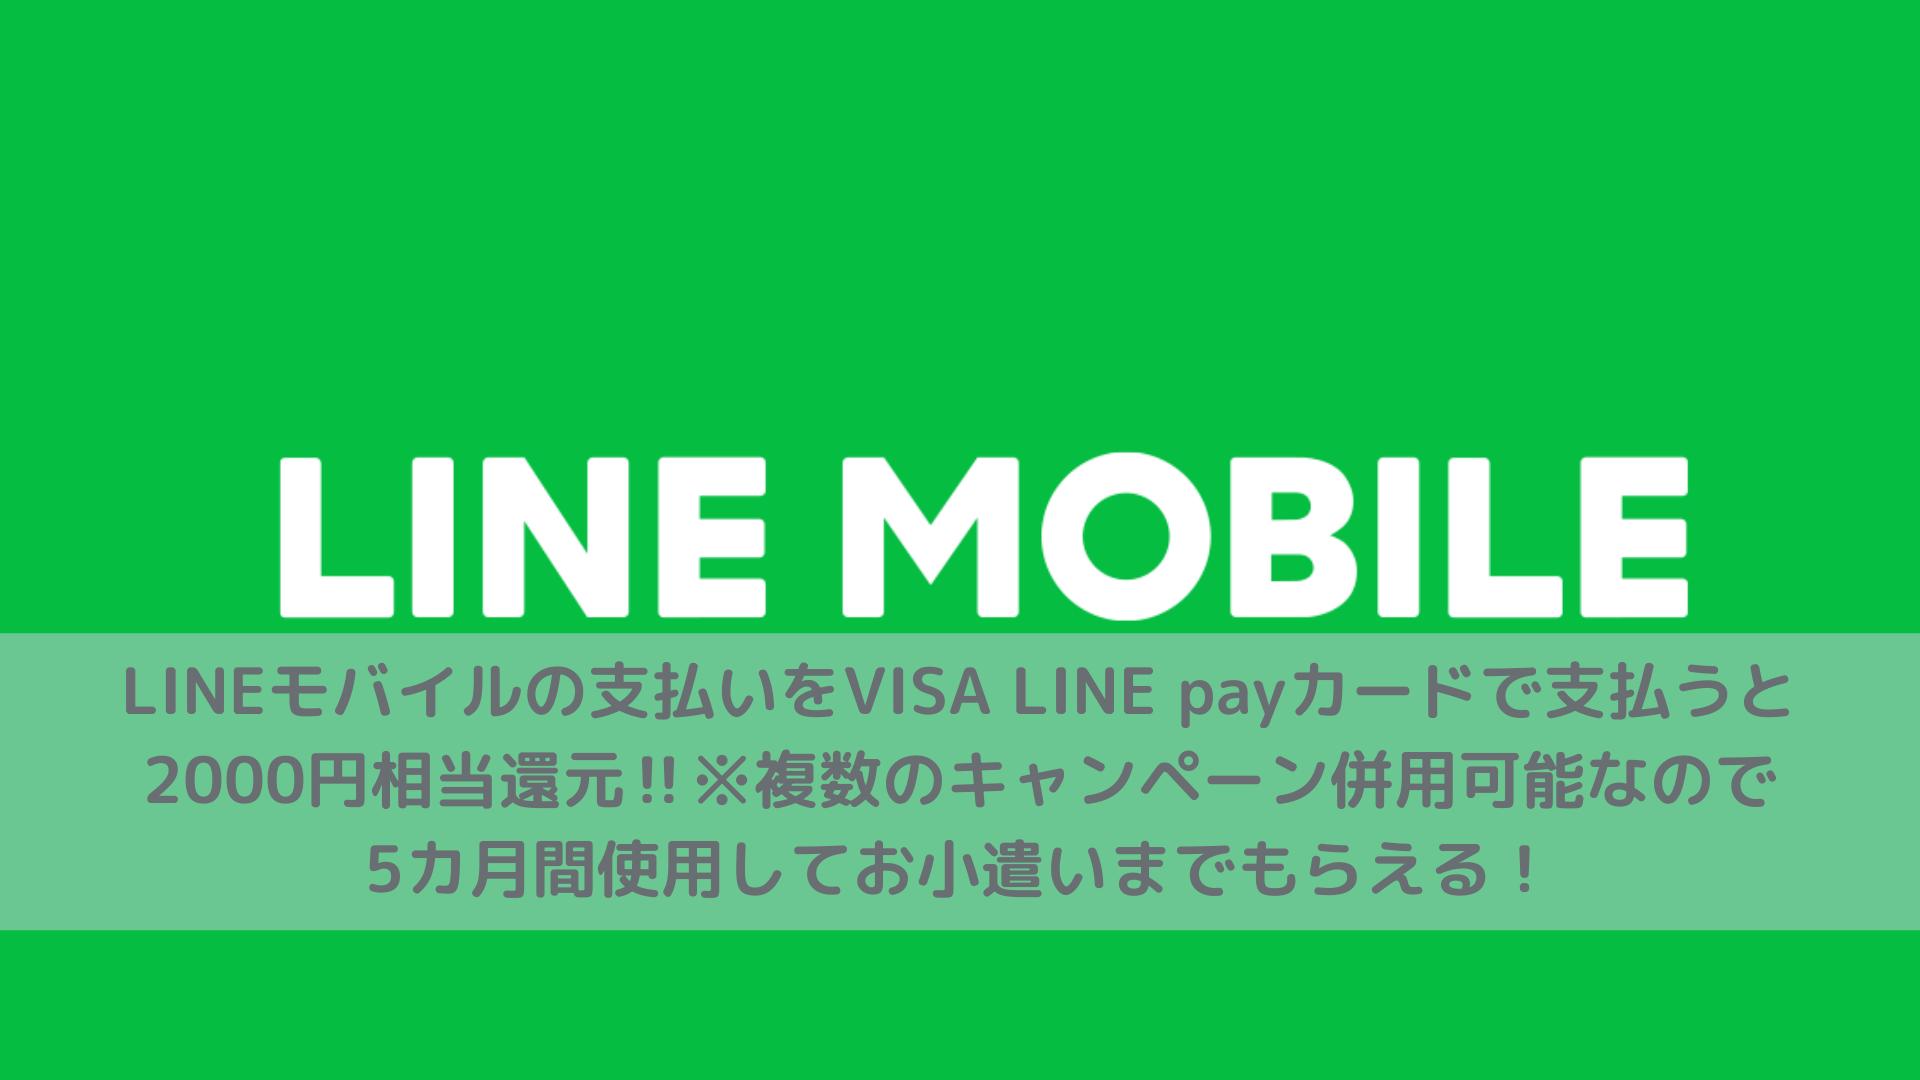 LINEモバイルの支払いをVISA LINE payカードで支払うと2000円相当還元‼︎※複数のキャンペーン併用可能なので5カ月間使用してお小遣いまでもらえる!